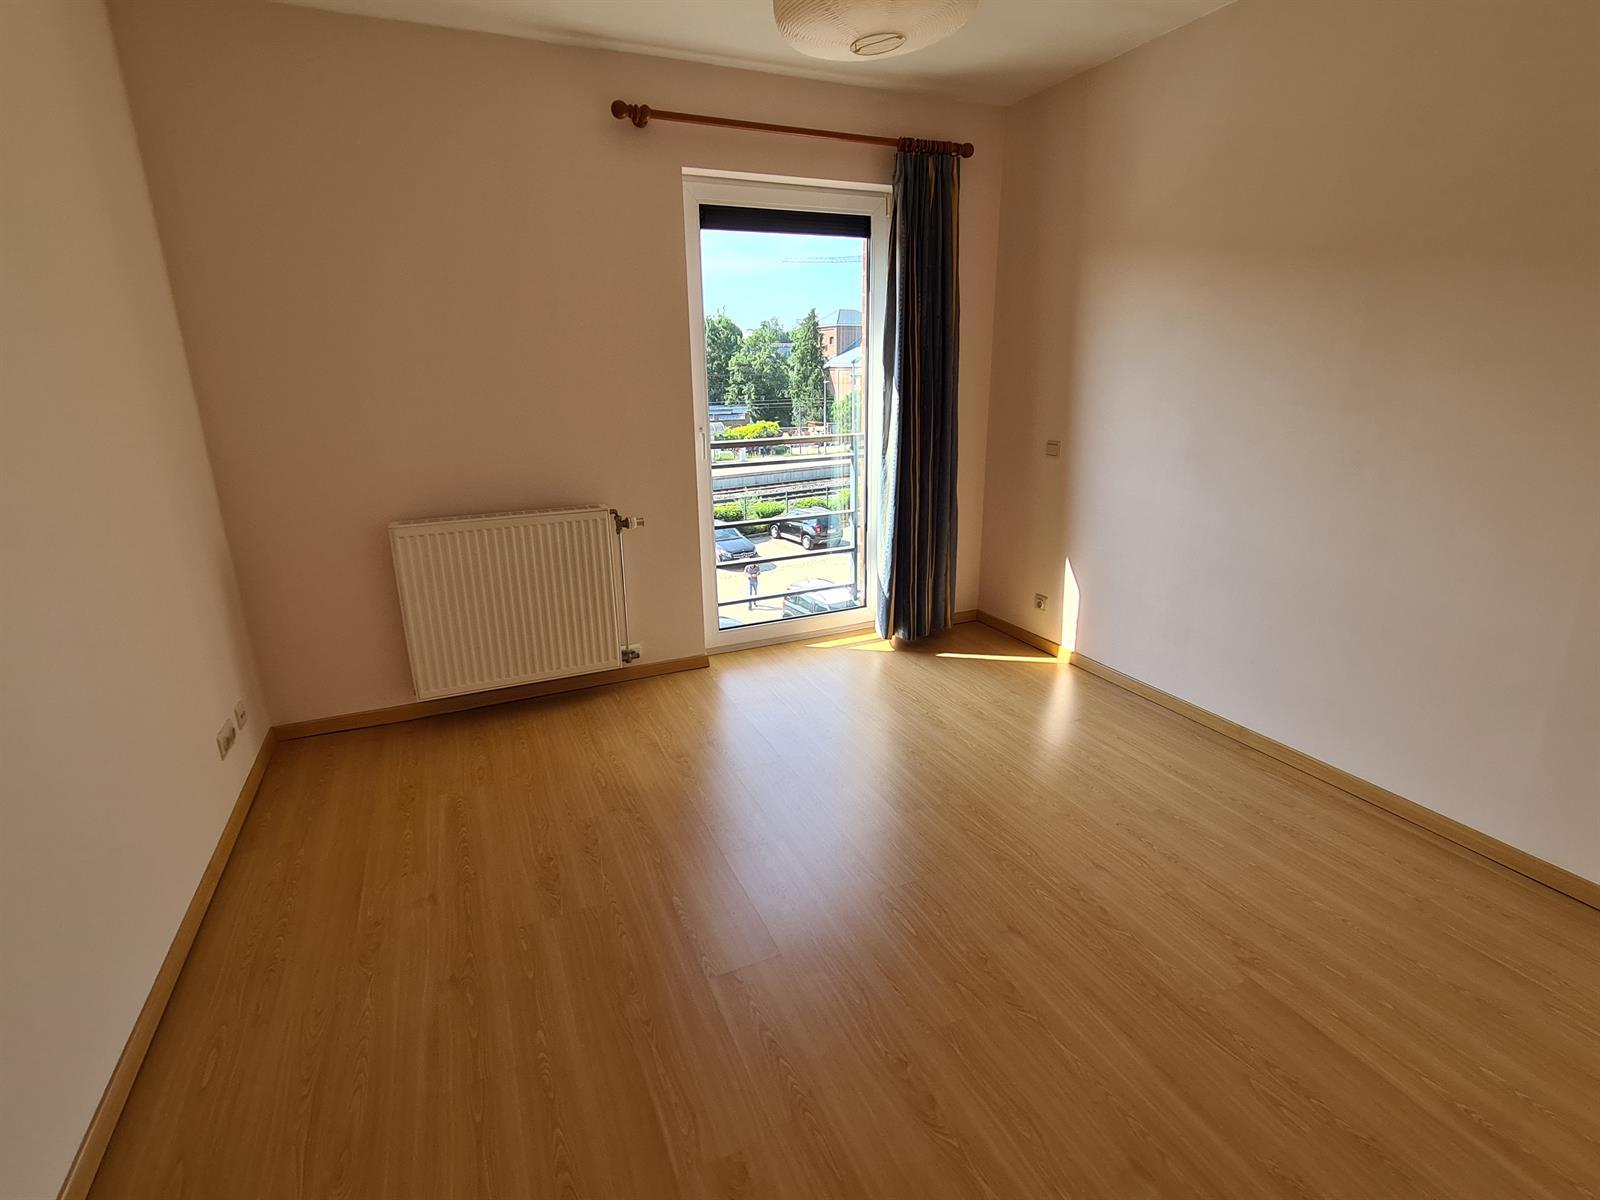 Appartement - Court-St.-Etienne - #4419026-8